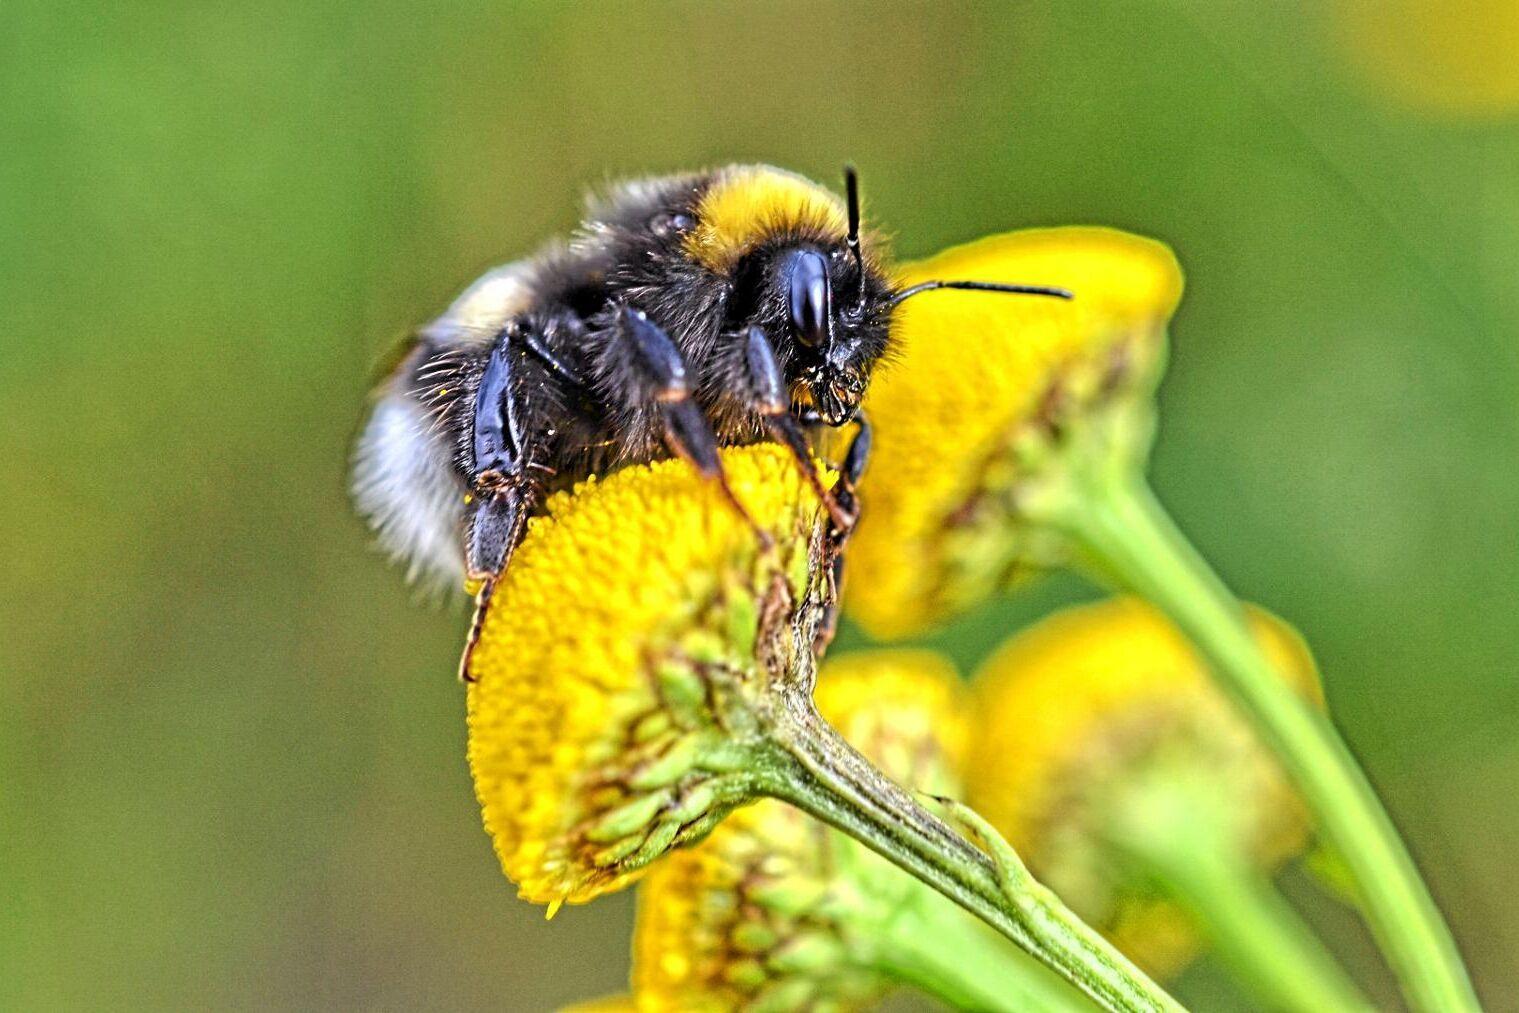 EU måste bli bättre på att skydda vilda pollinerare, som humlor, anser Europeiska revisionsrätten.